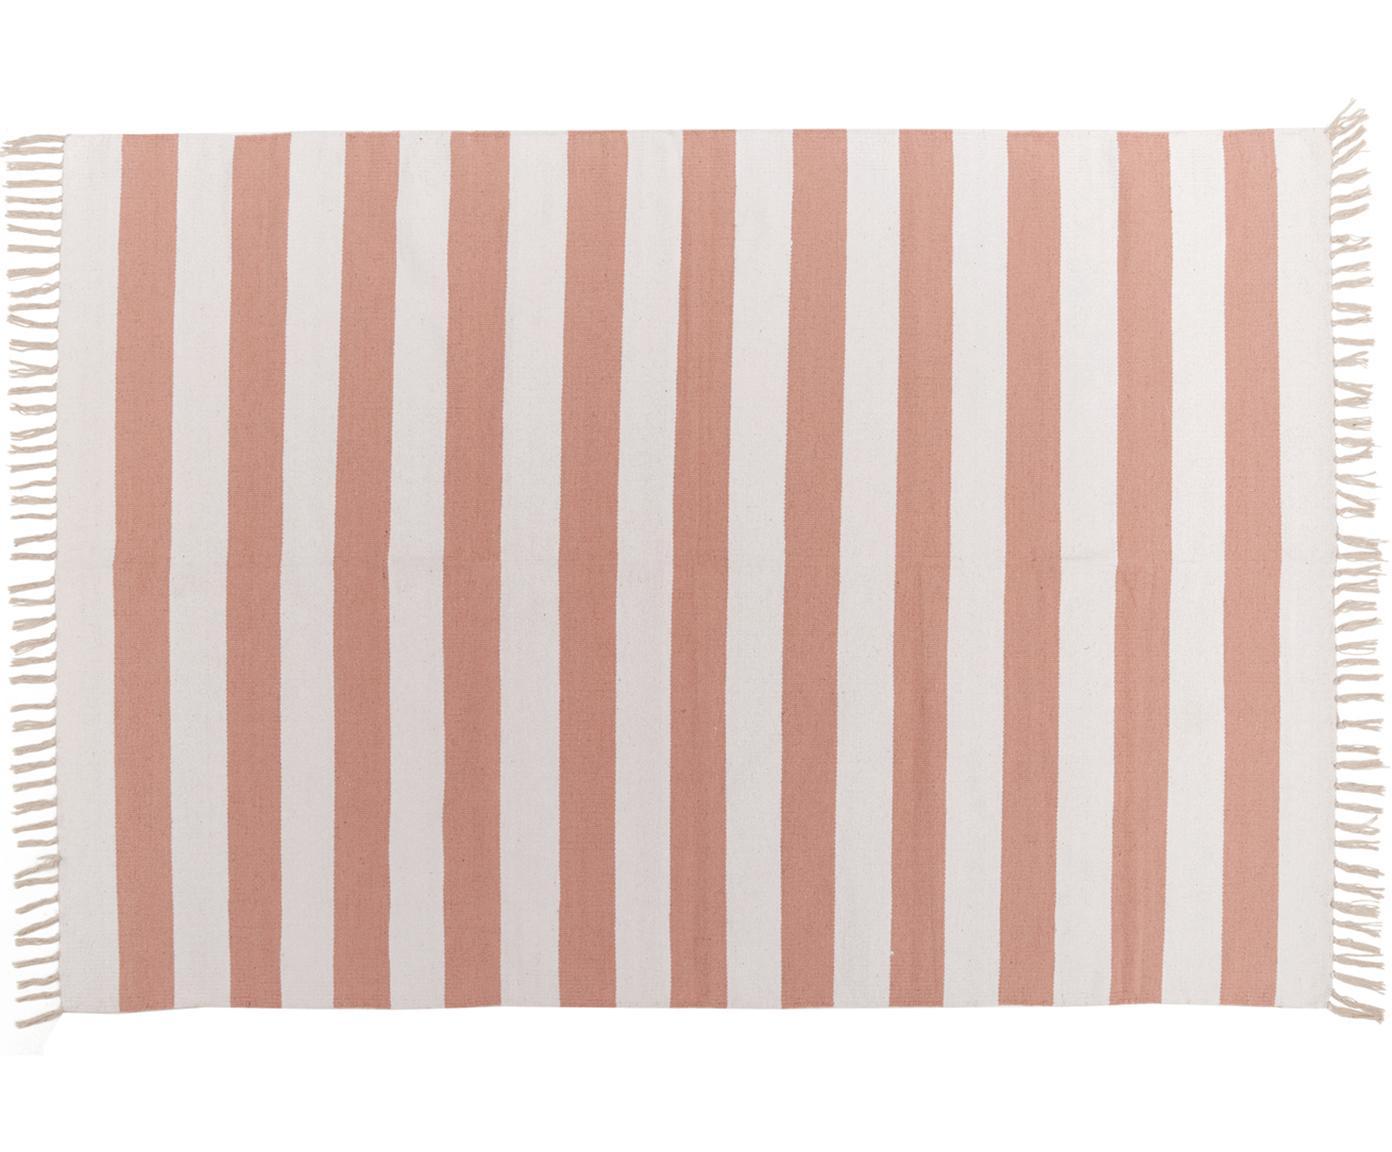 Gestreifter Baumwollteppich Malte in Koralle/Weiß, Korallrot, Weiß, B 140 x L 200 cm (Größe S)